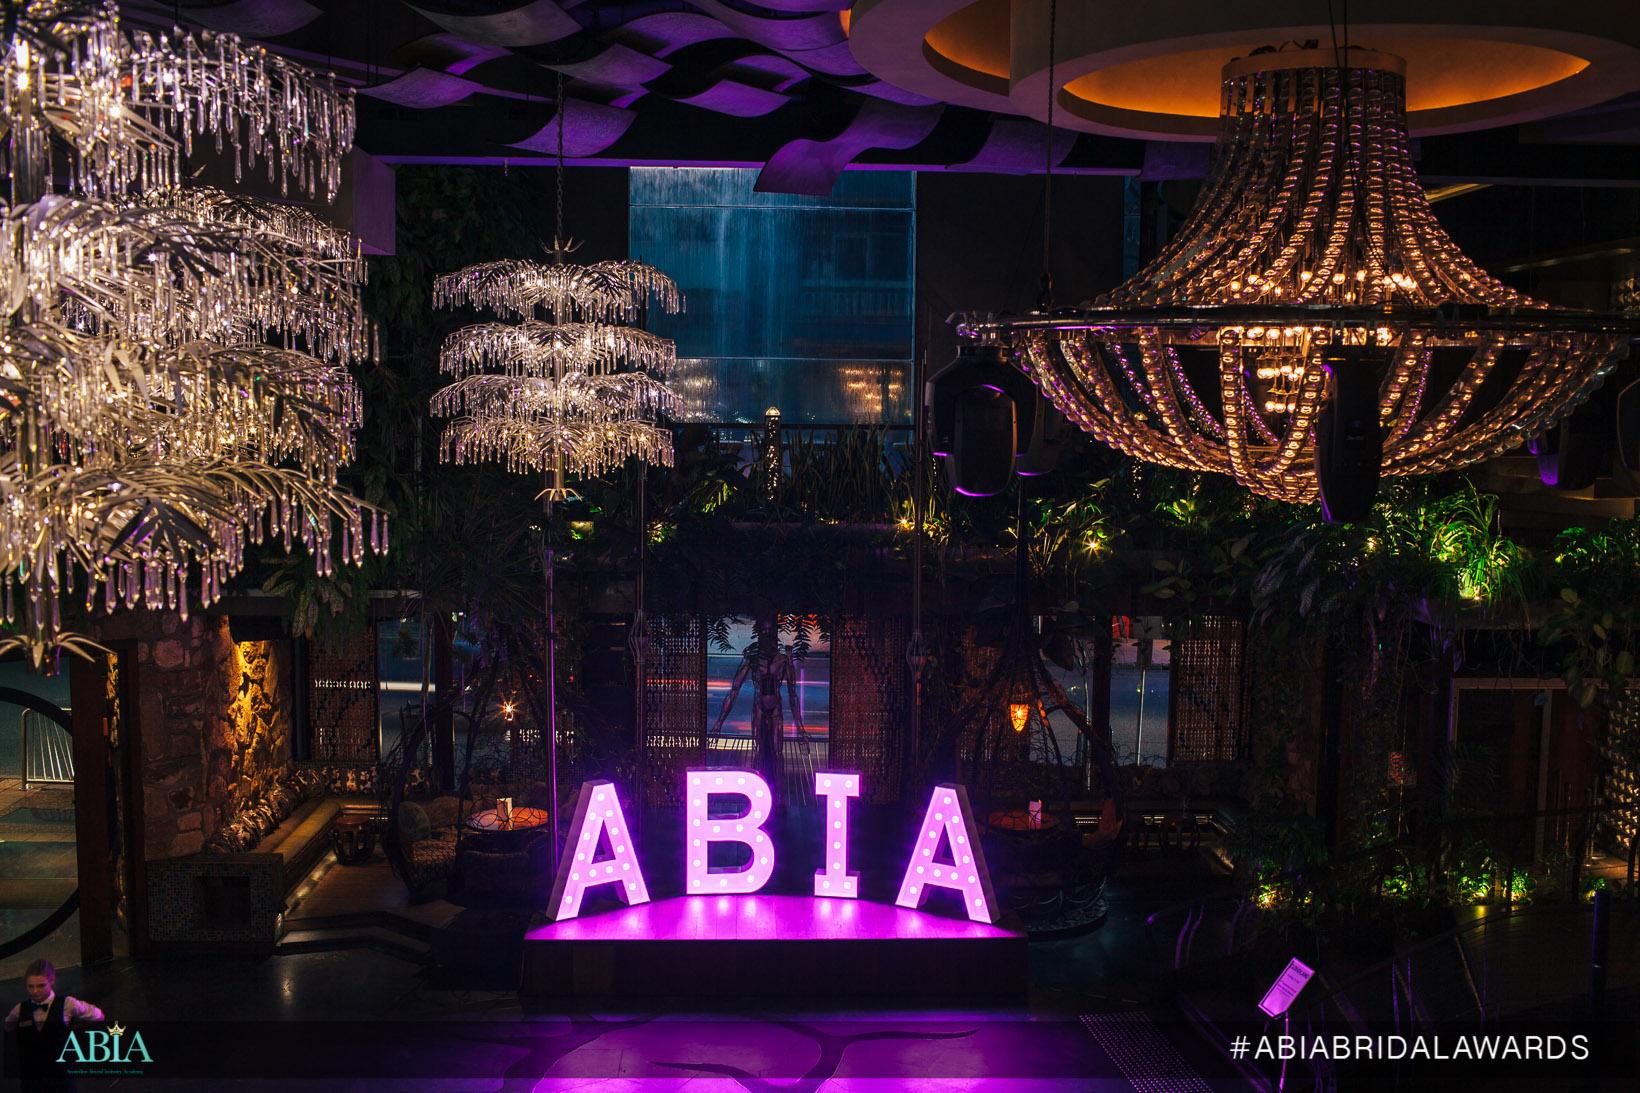 ABIA Awrds Night